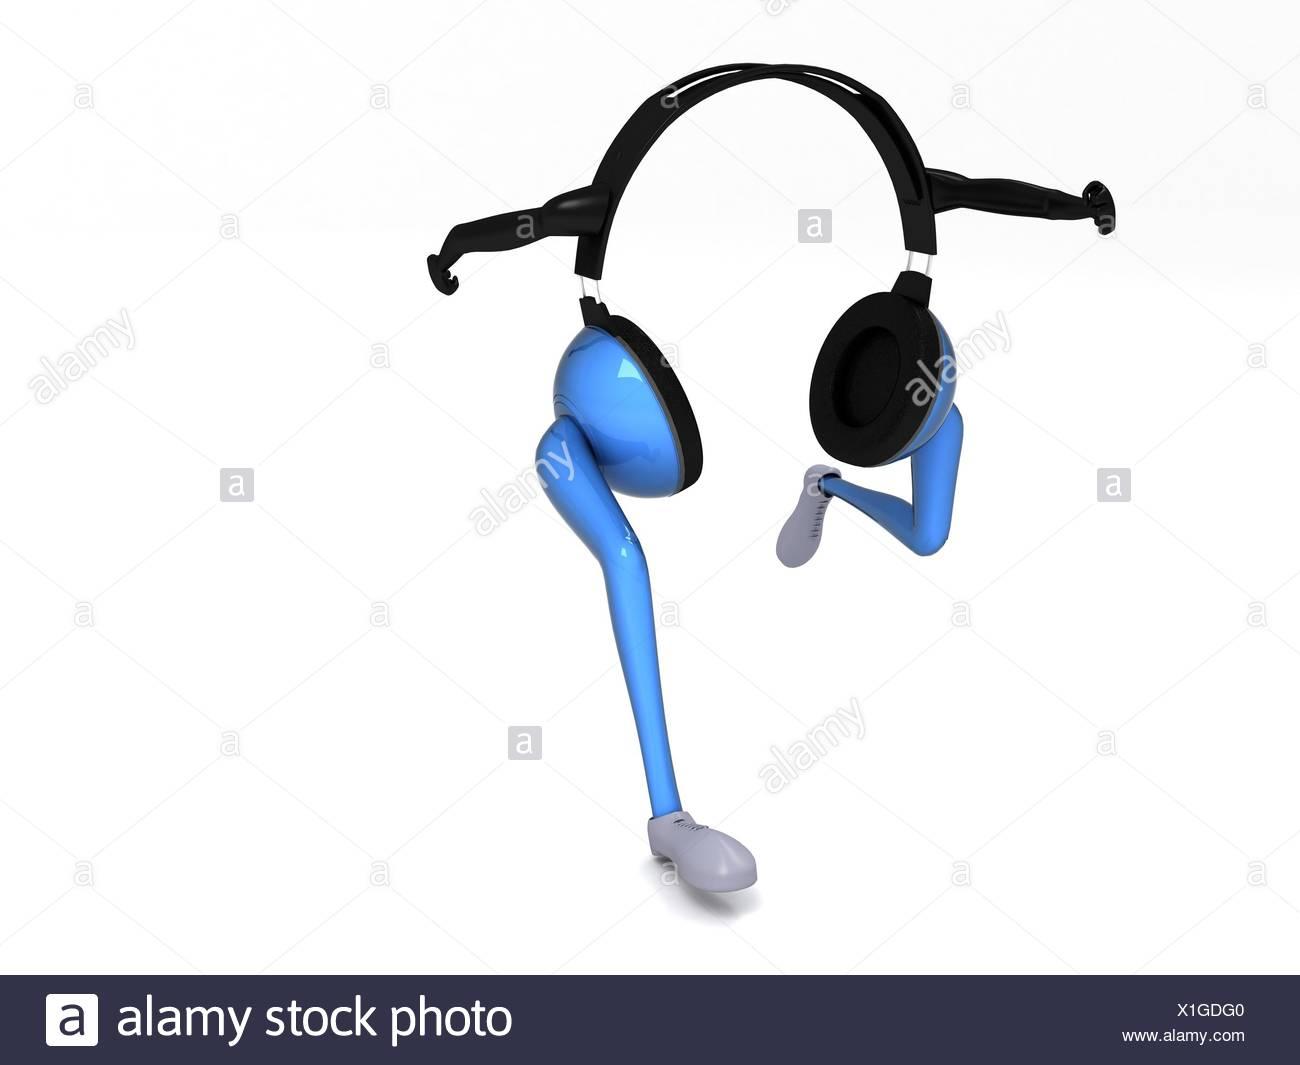 running headphone - Stock Image